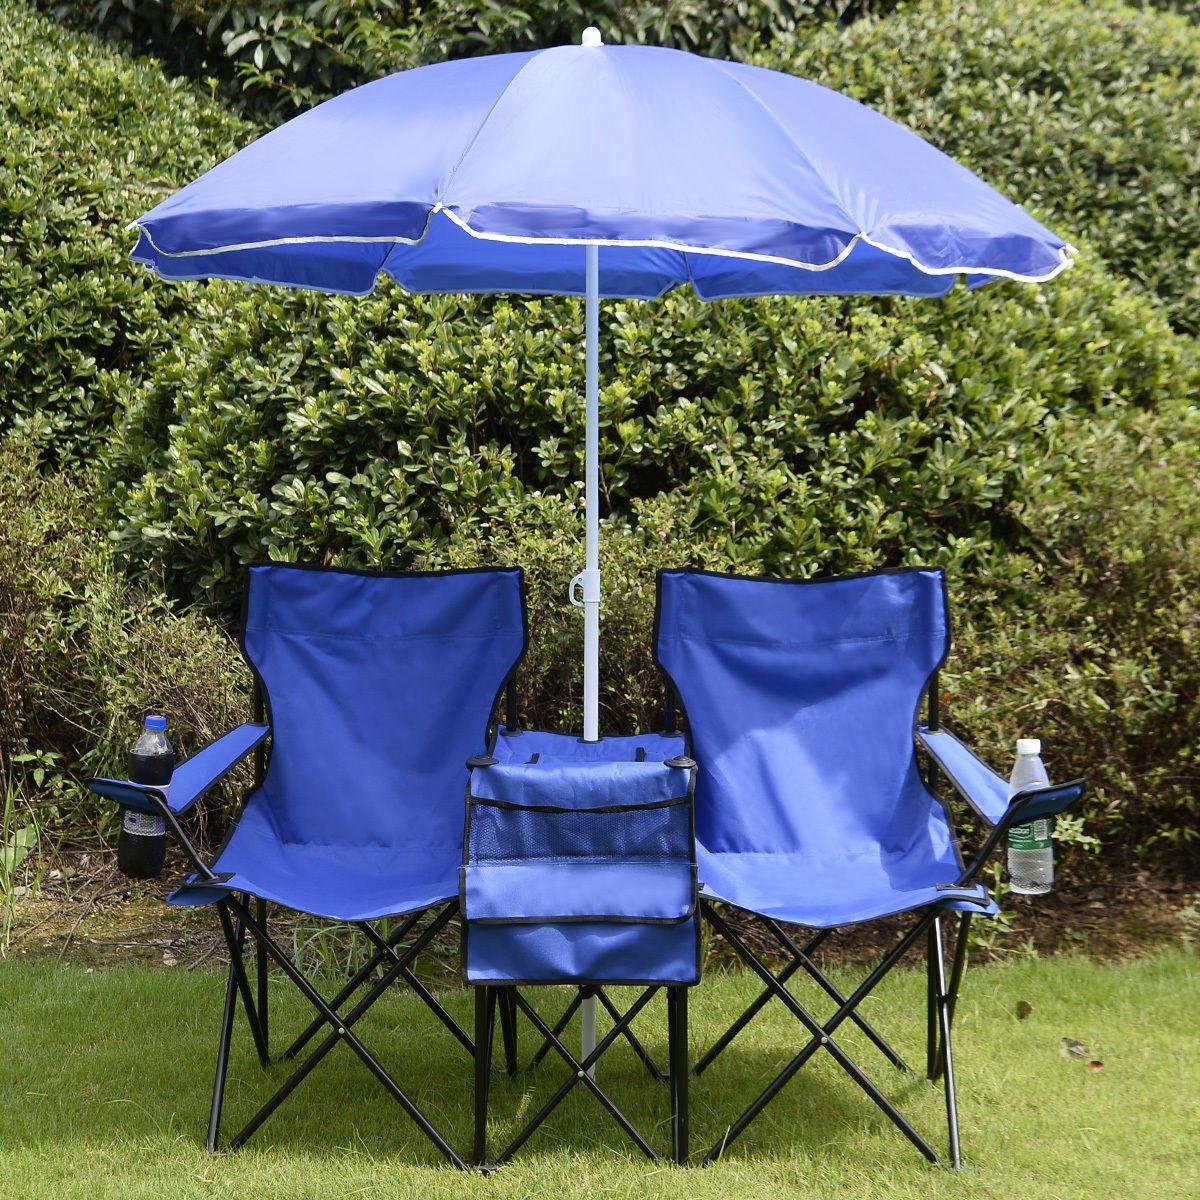 Portable Folding Picnic Double Chair Umbrella Table Cooler Beach